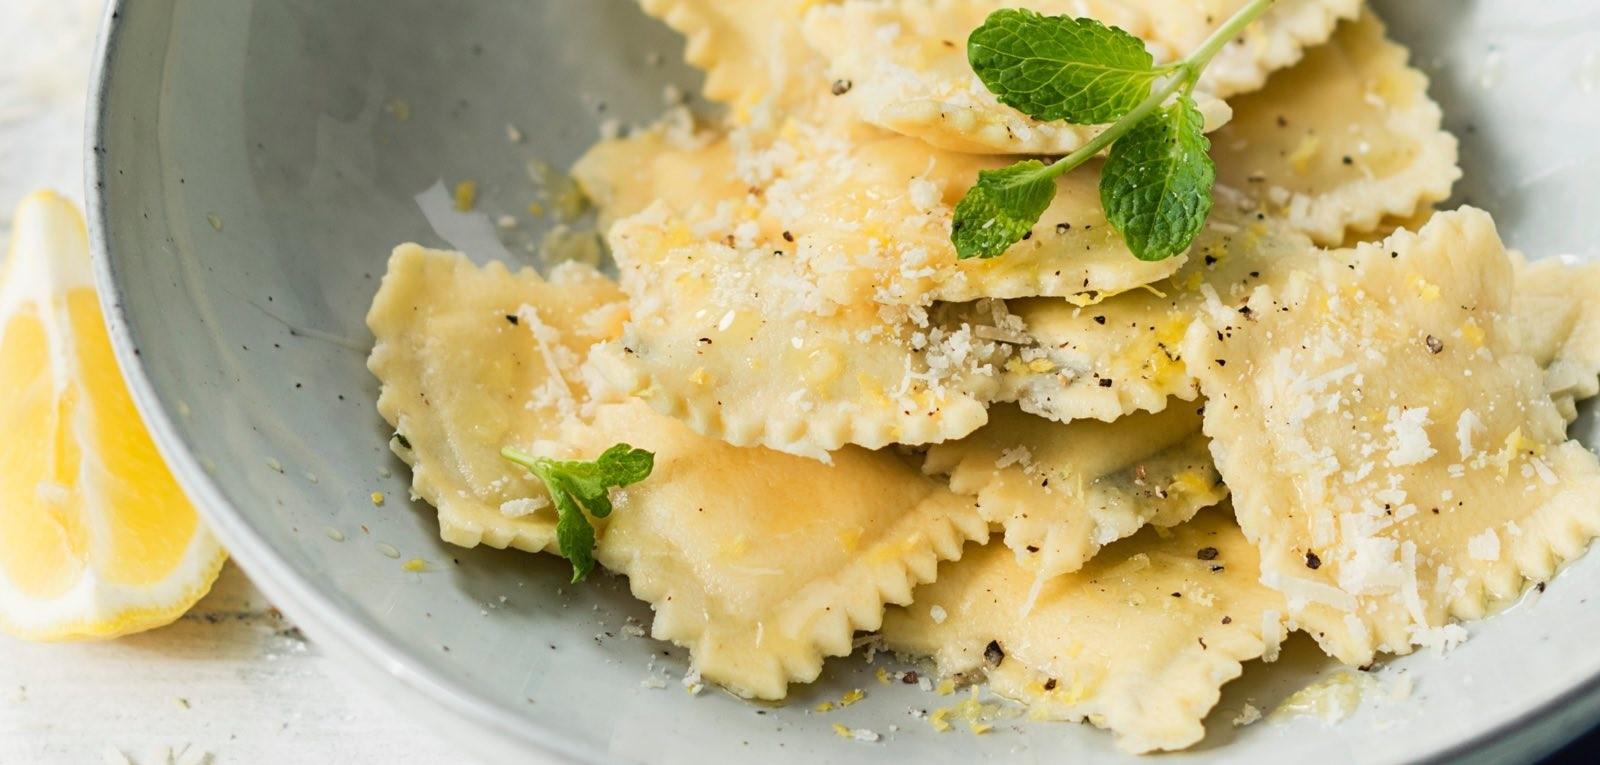 Ricetta Ravioli Kitchenaid.Ravioli Di Quinoa E Melanzana Con Menta Ricette Sito Ufficiale Kitchenaid